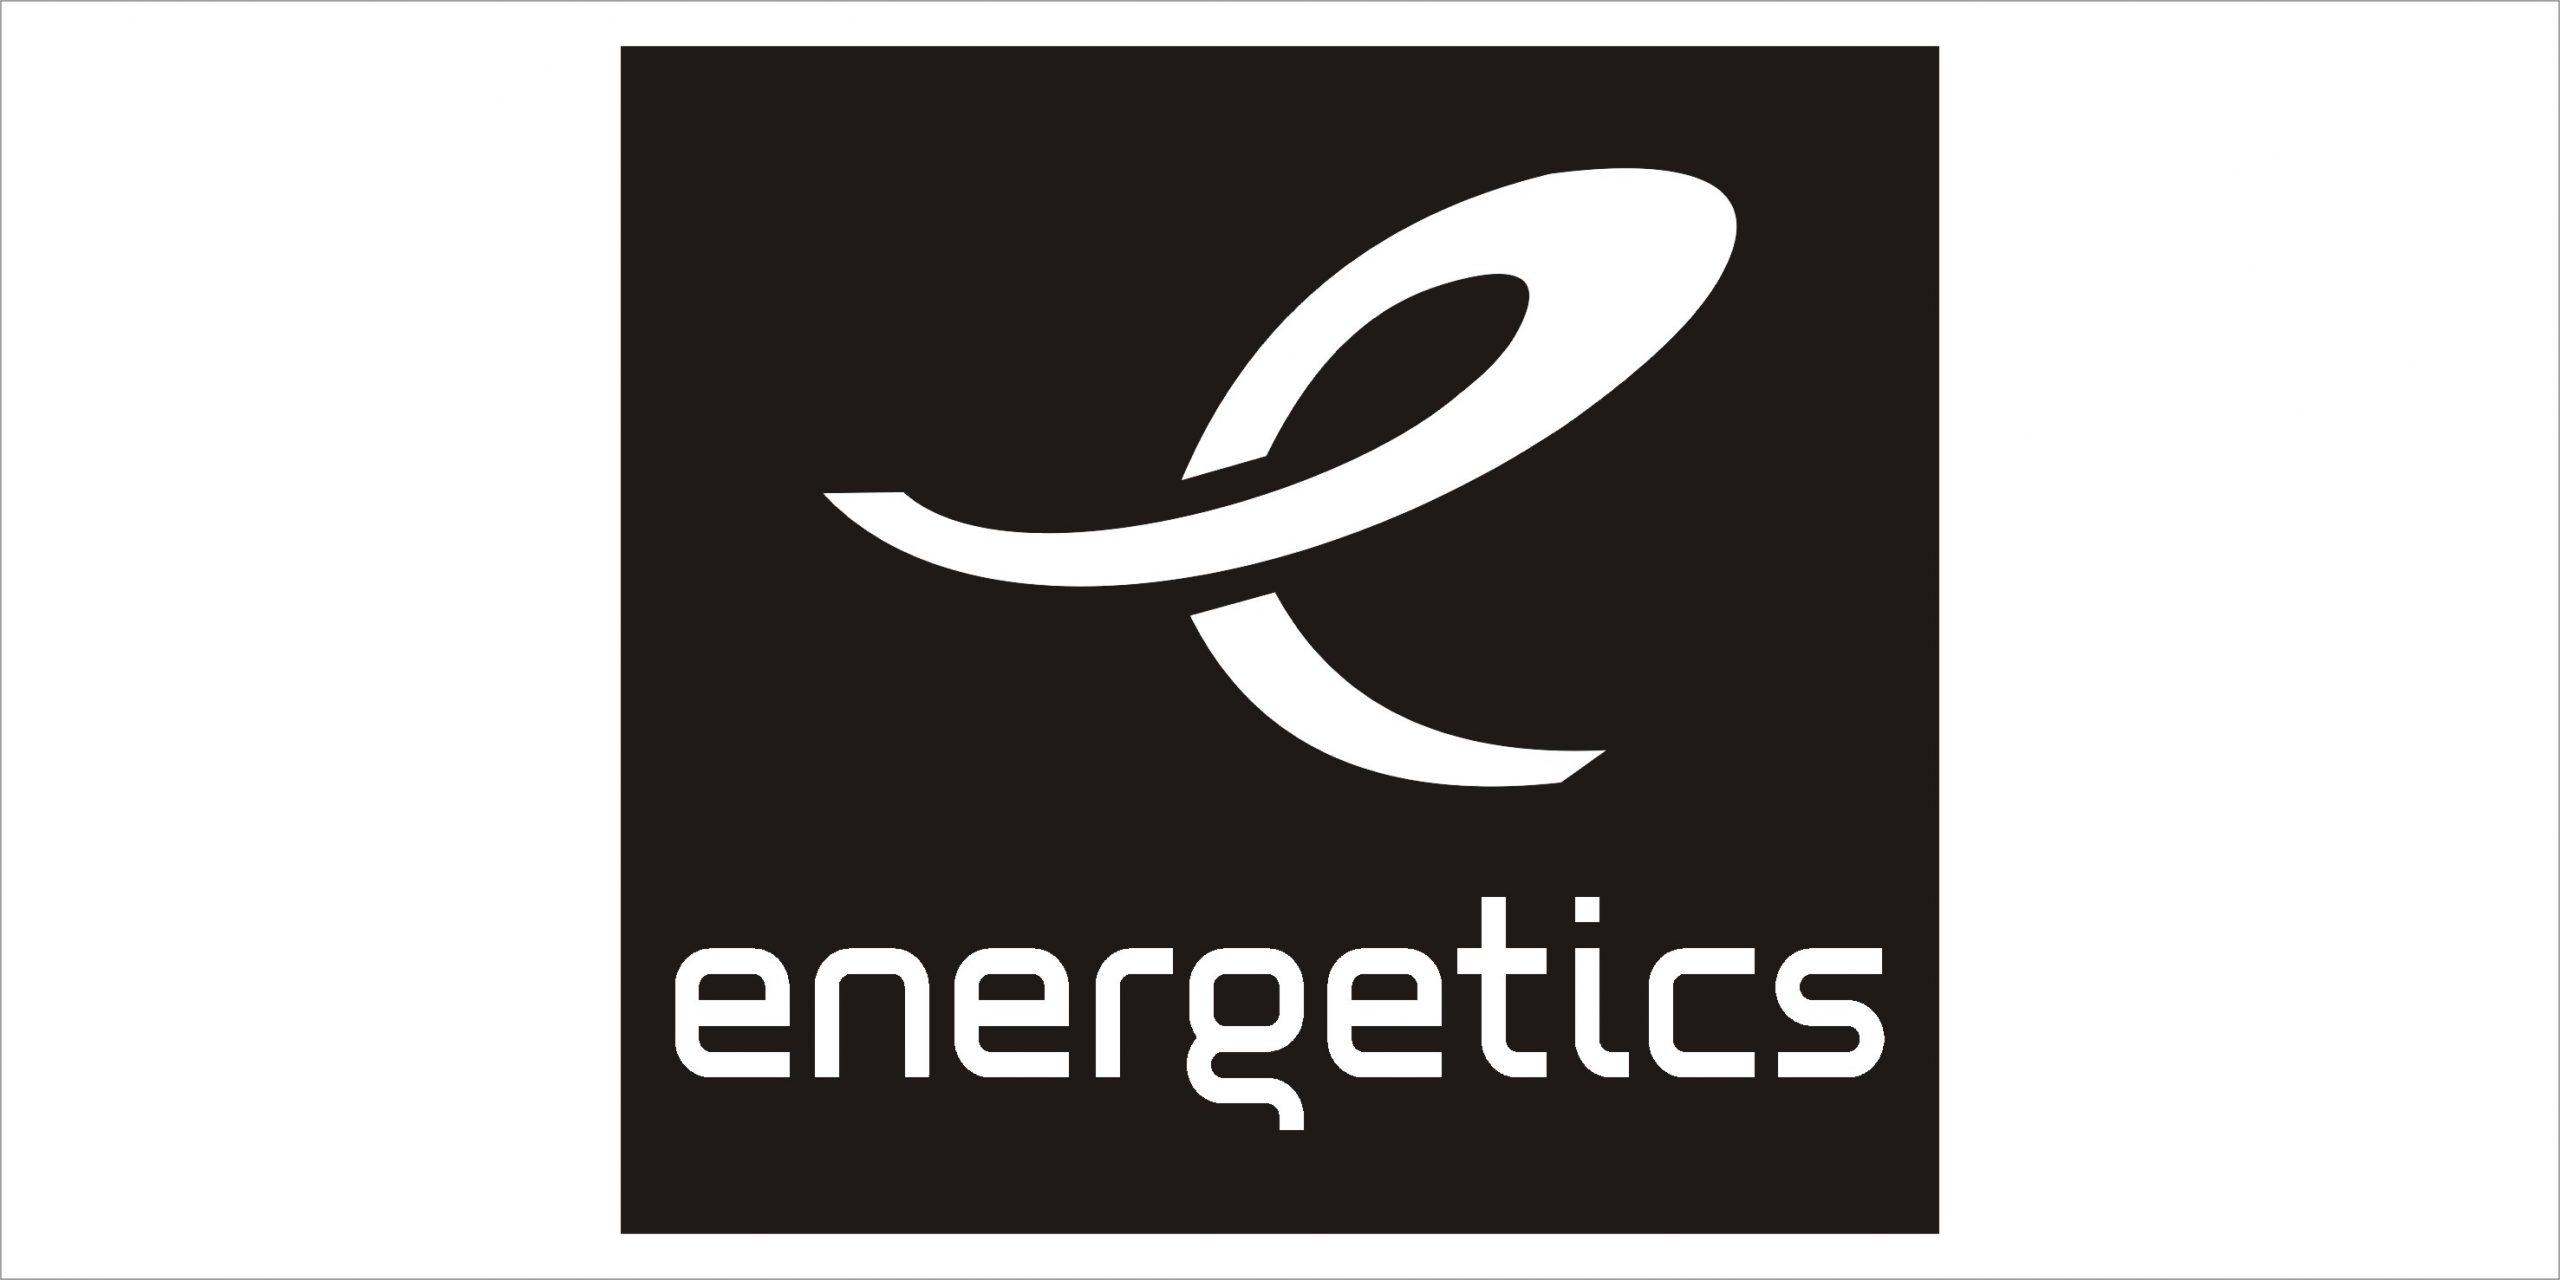 energeties